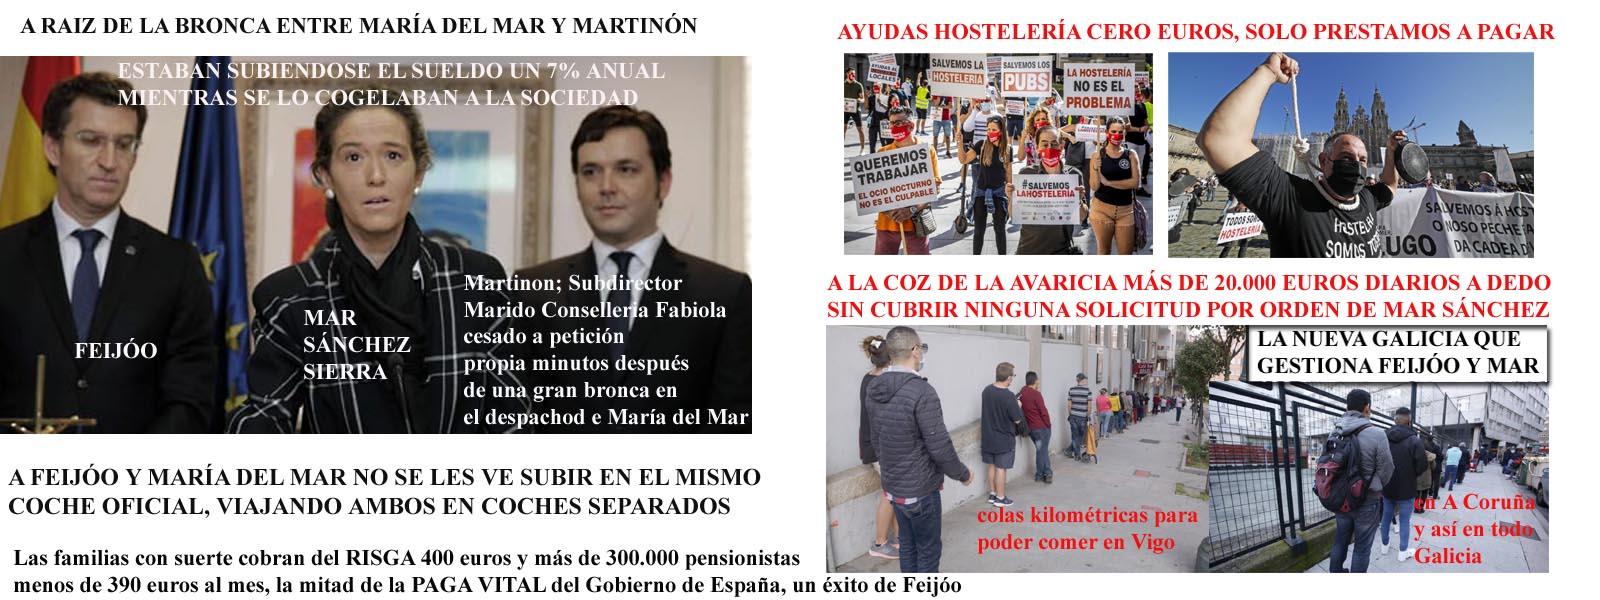 Mar Sánchez Sierra financia con dinero público de forma inmoral y sin  ningún tipo de rubor FAKE NEWS para tapar sus subidas de sueldo a costa del  hambre y miserias de Galicia